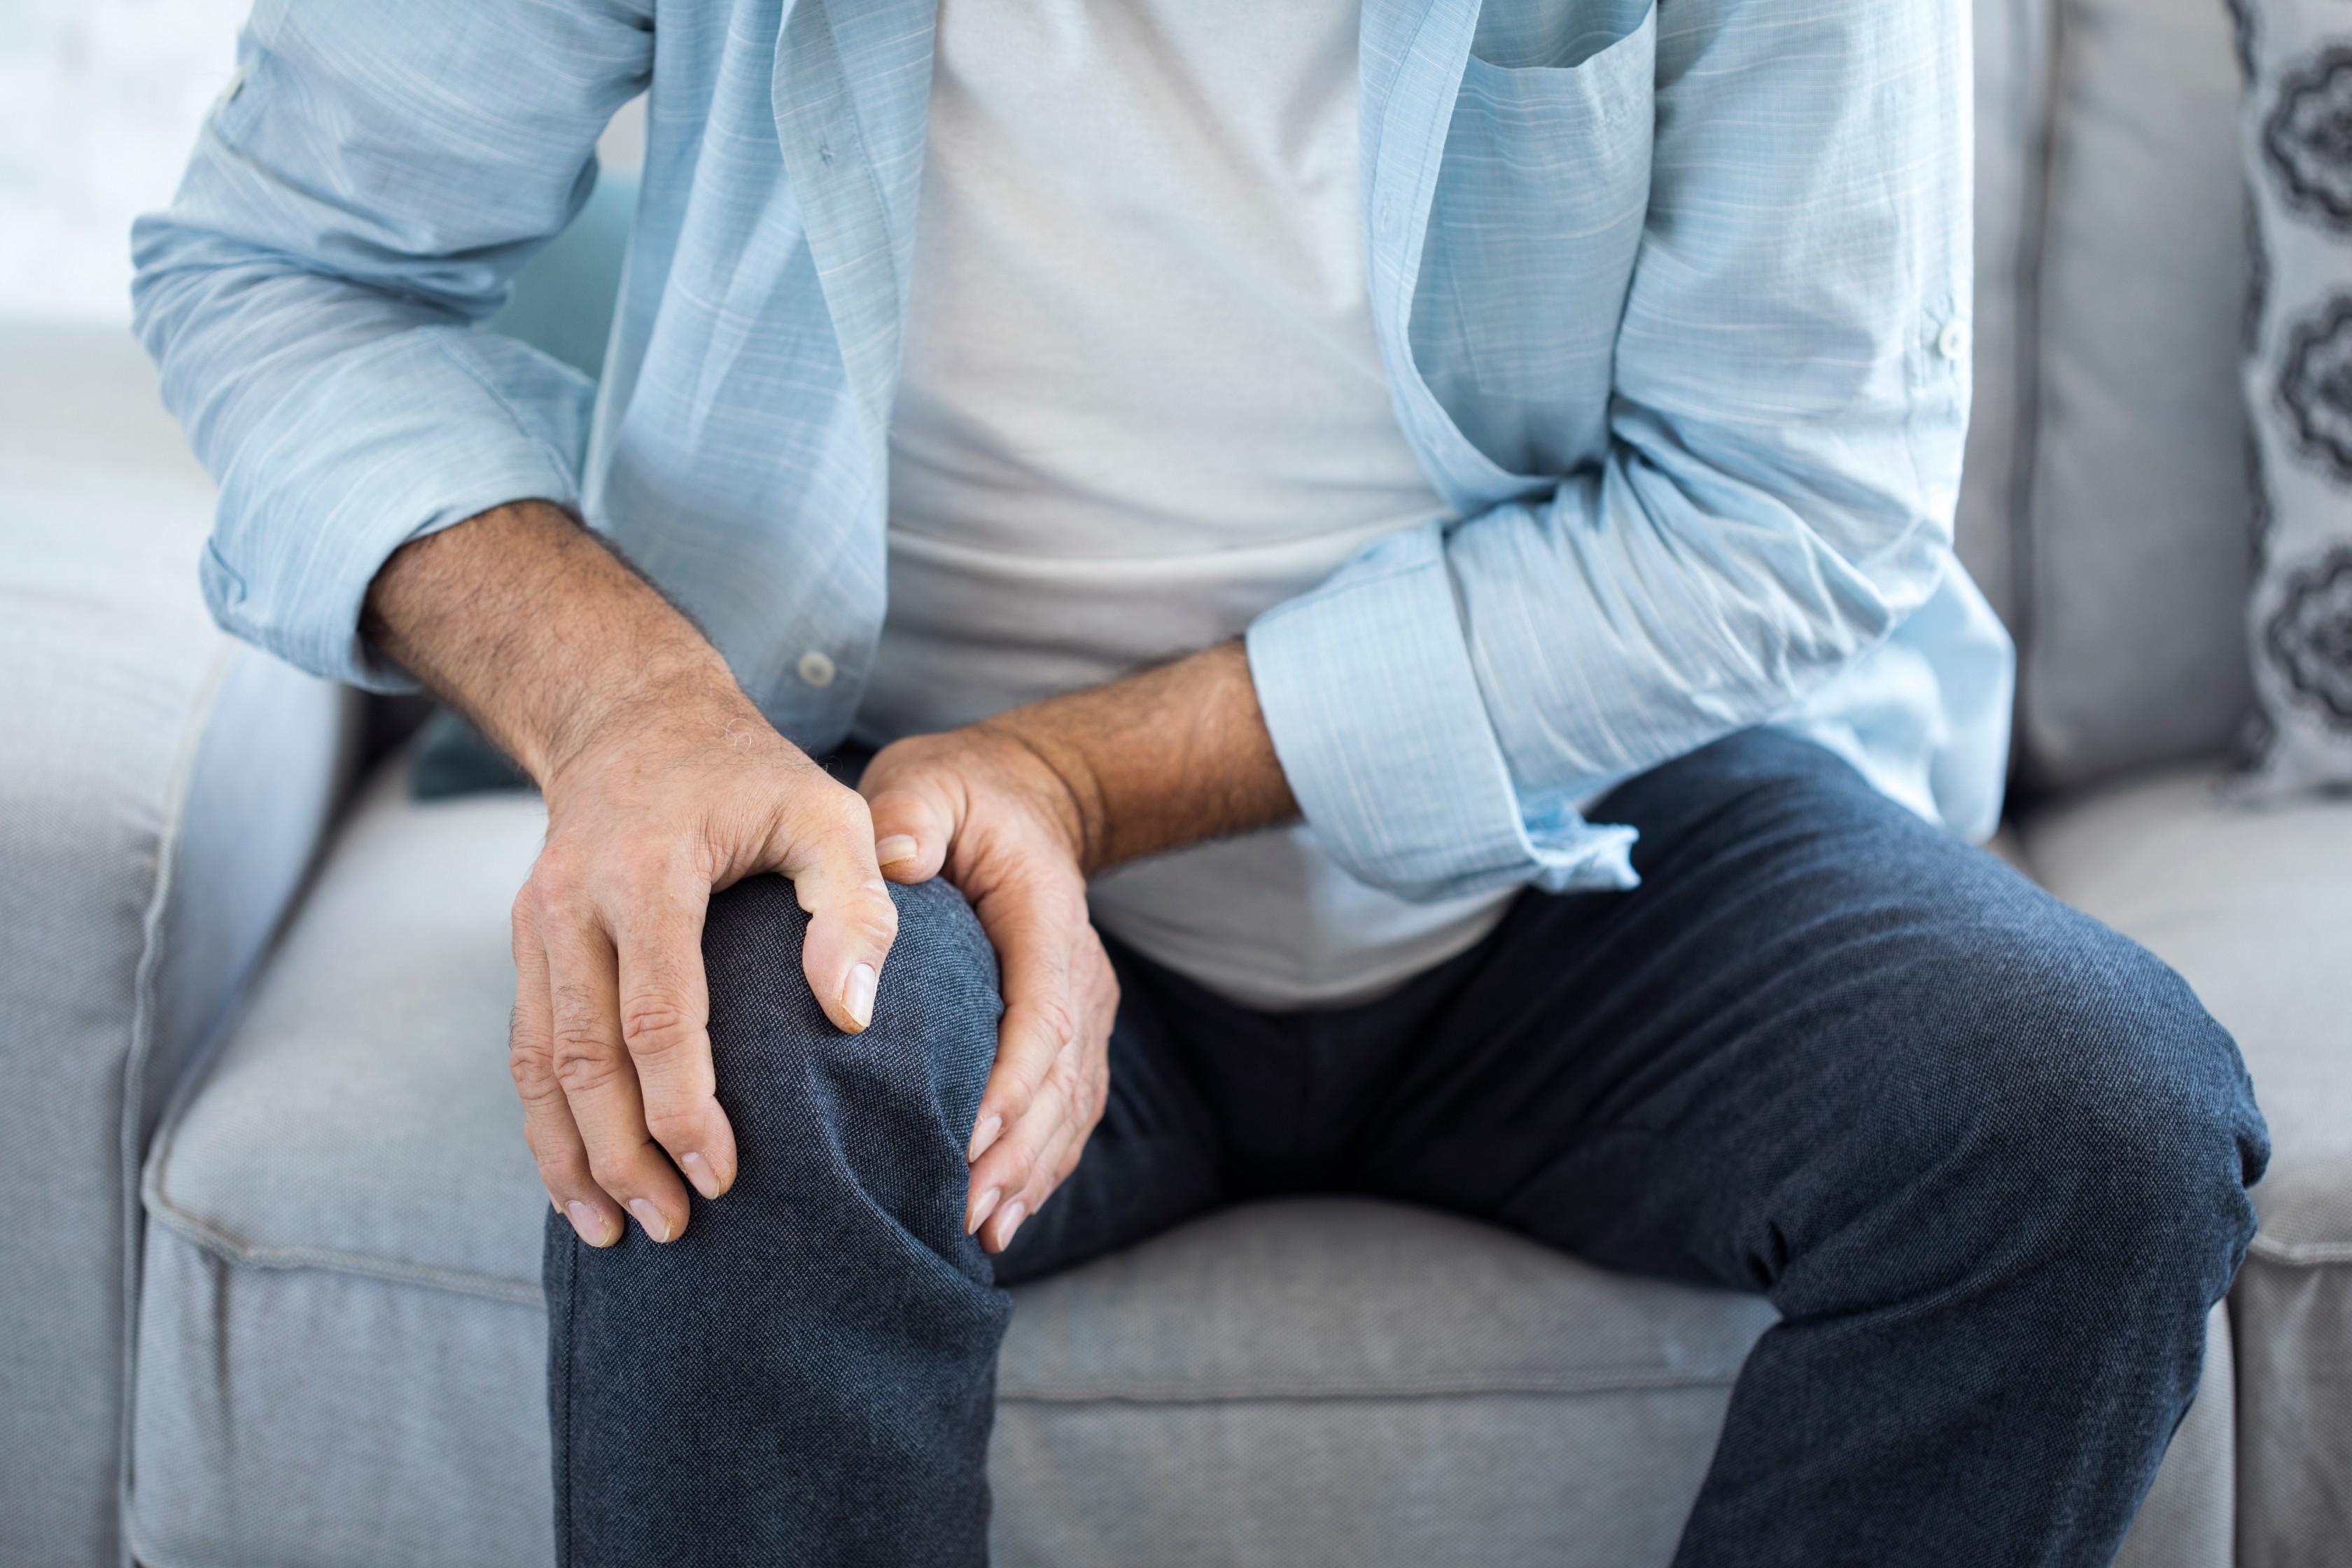 ízületi fájdalom a sózavar miatt